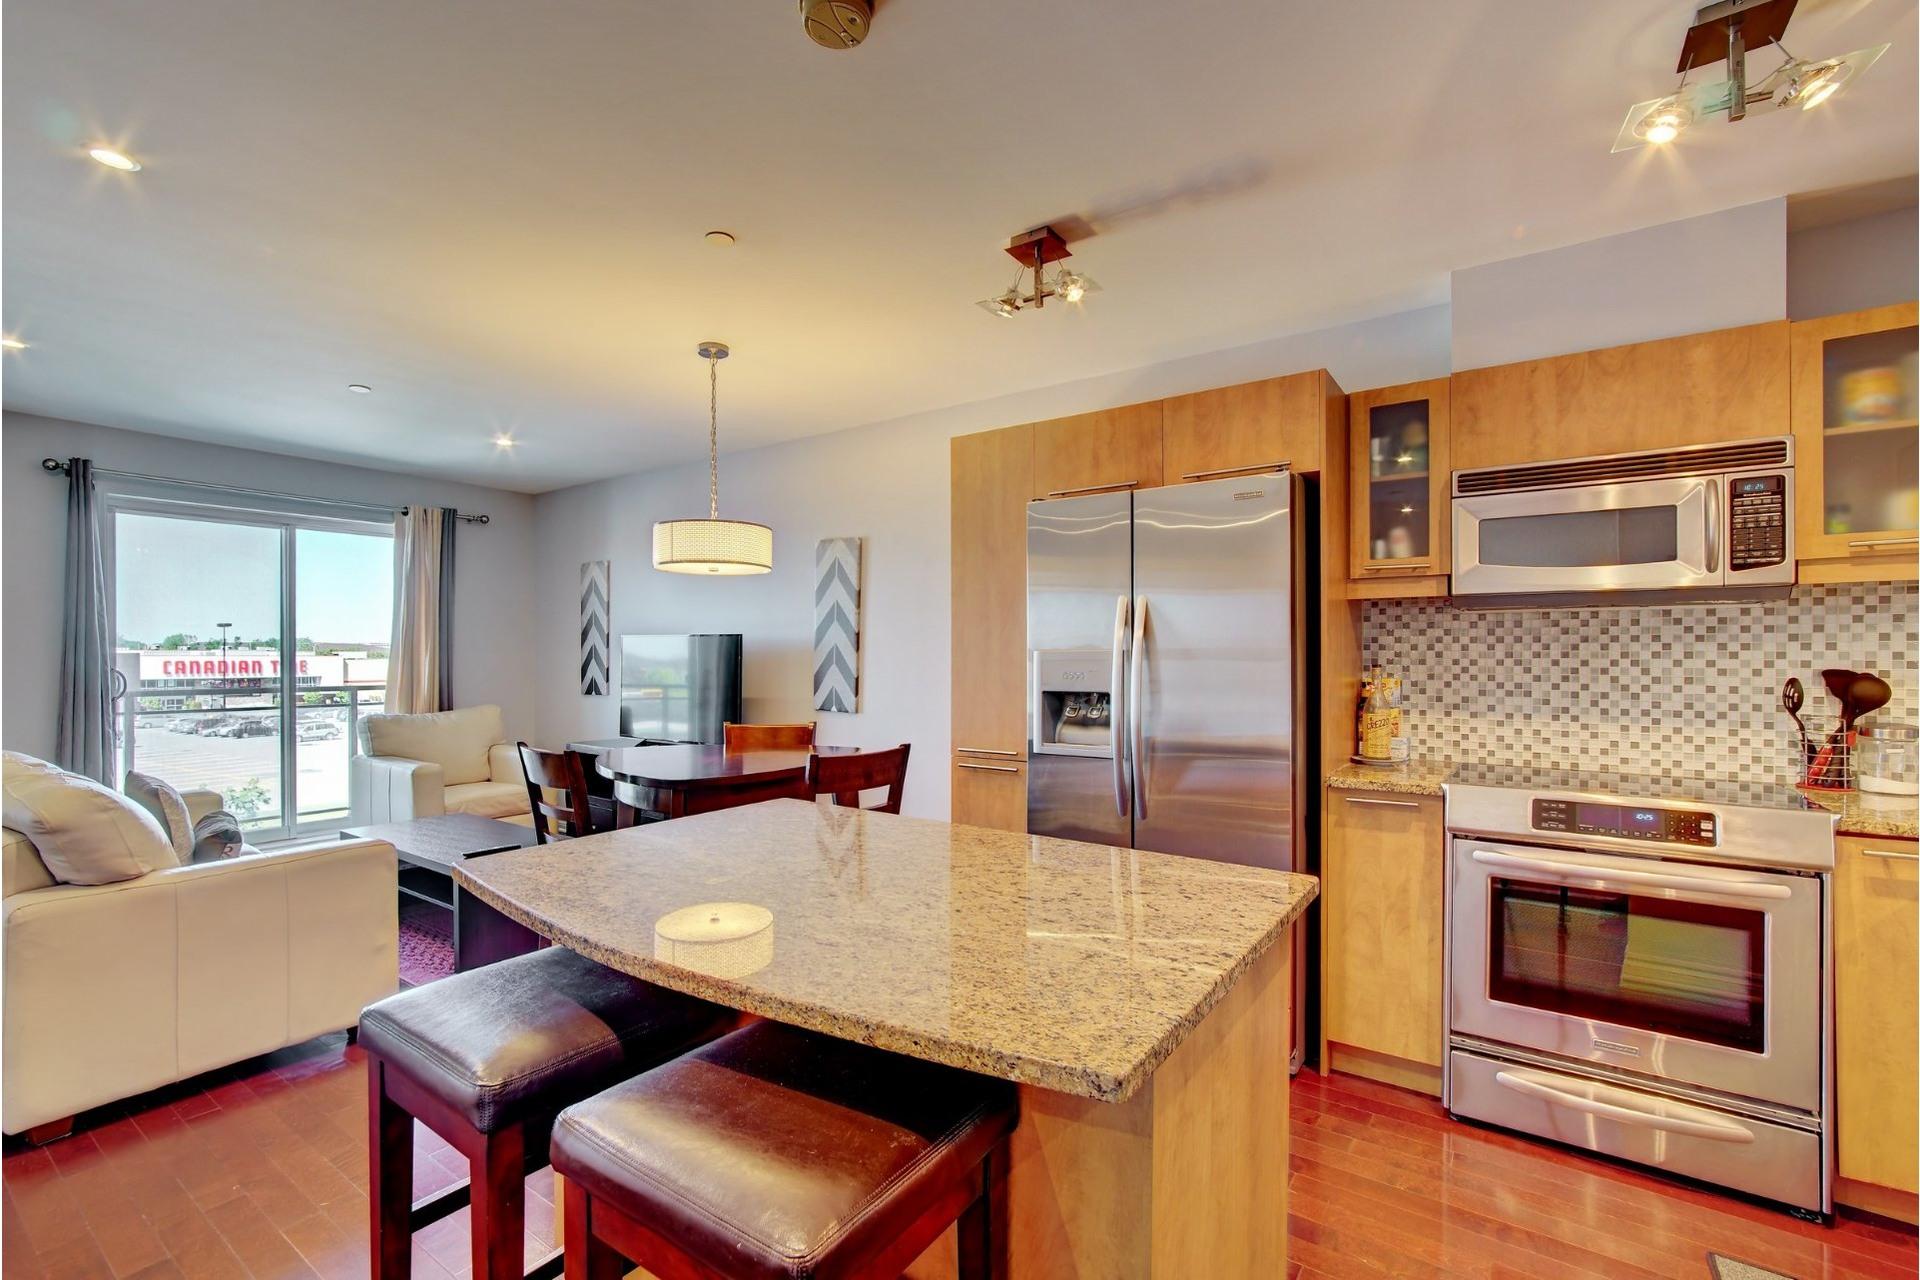 image 5 - Apartment For rent Laval-des-Rapides Laval  - 5 rooms